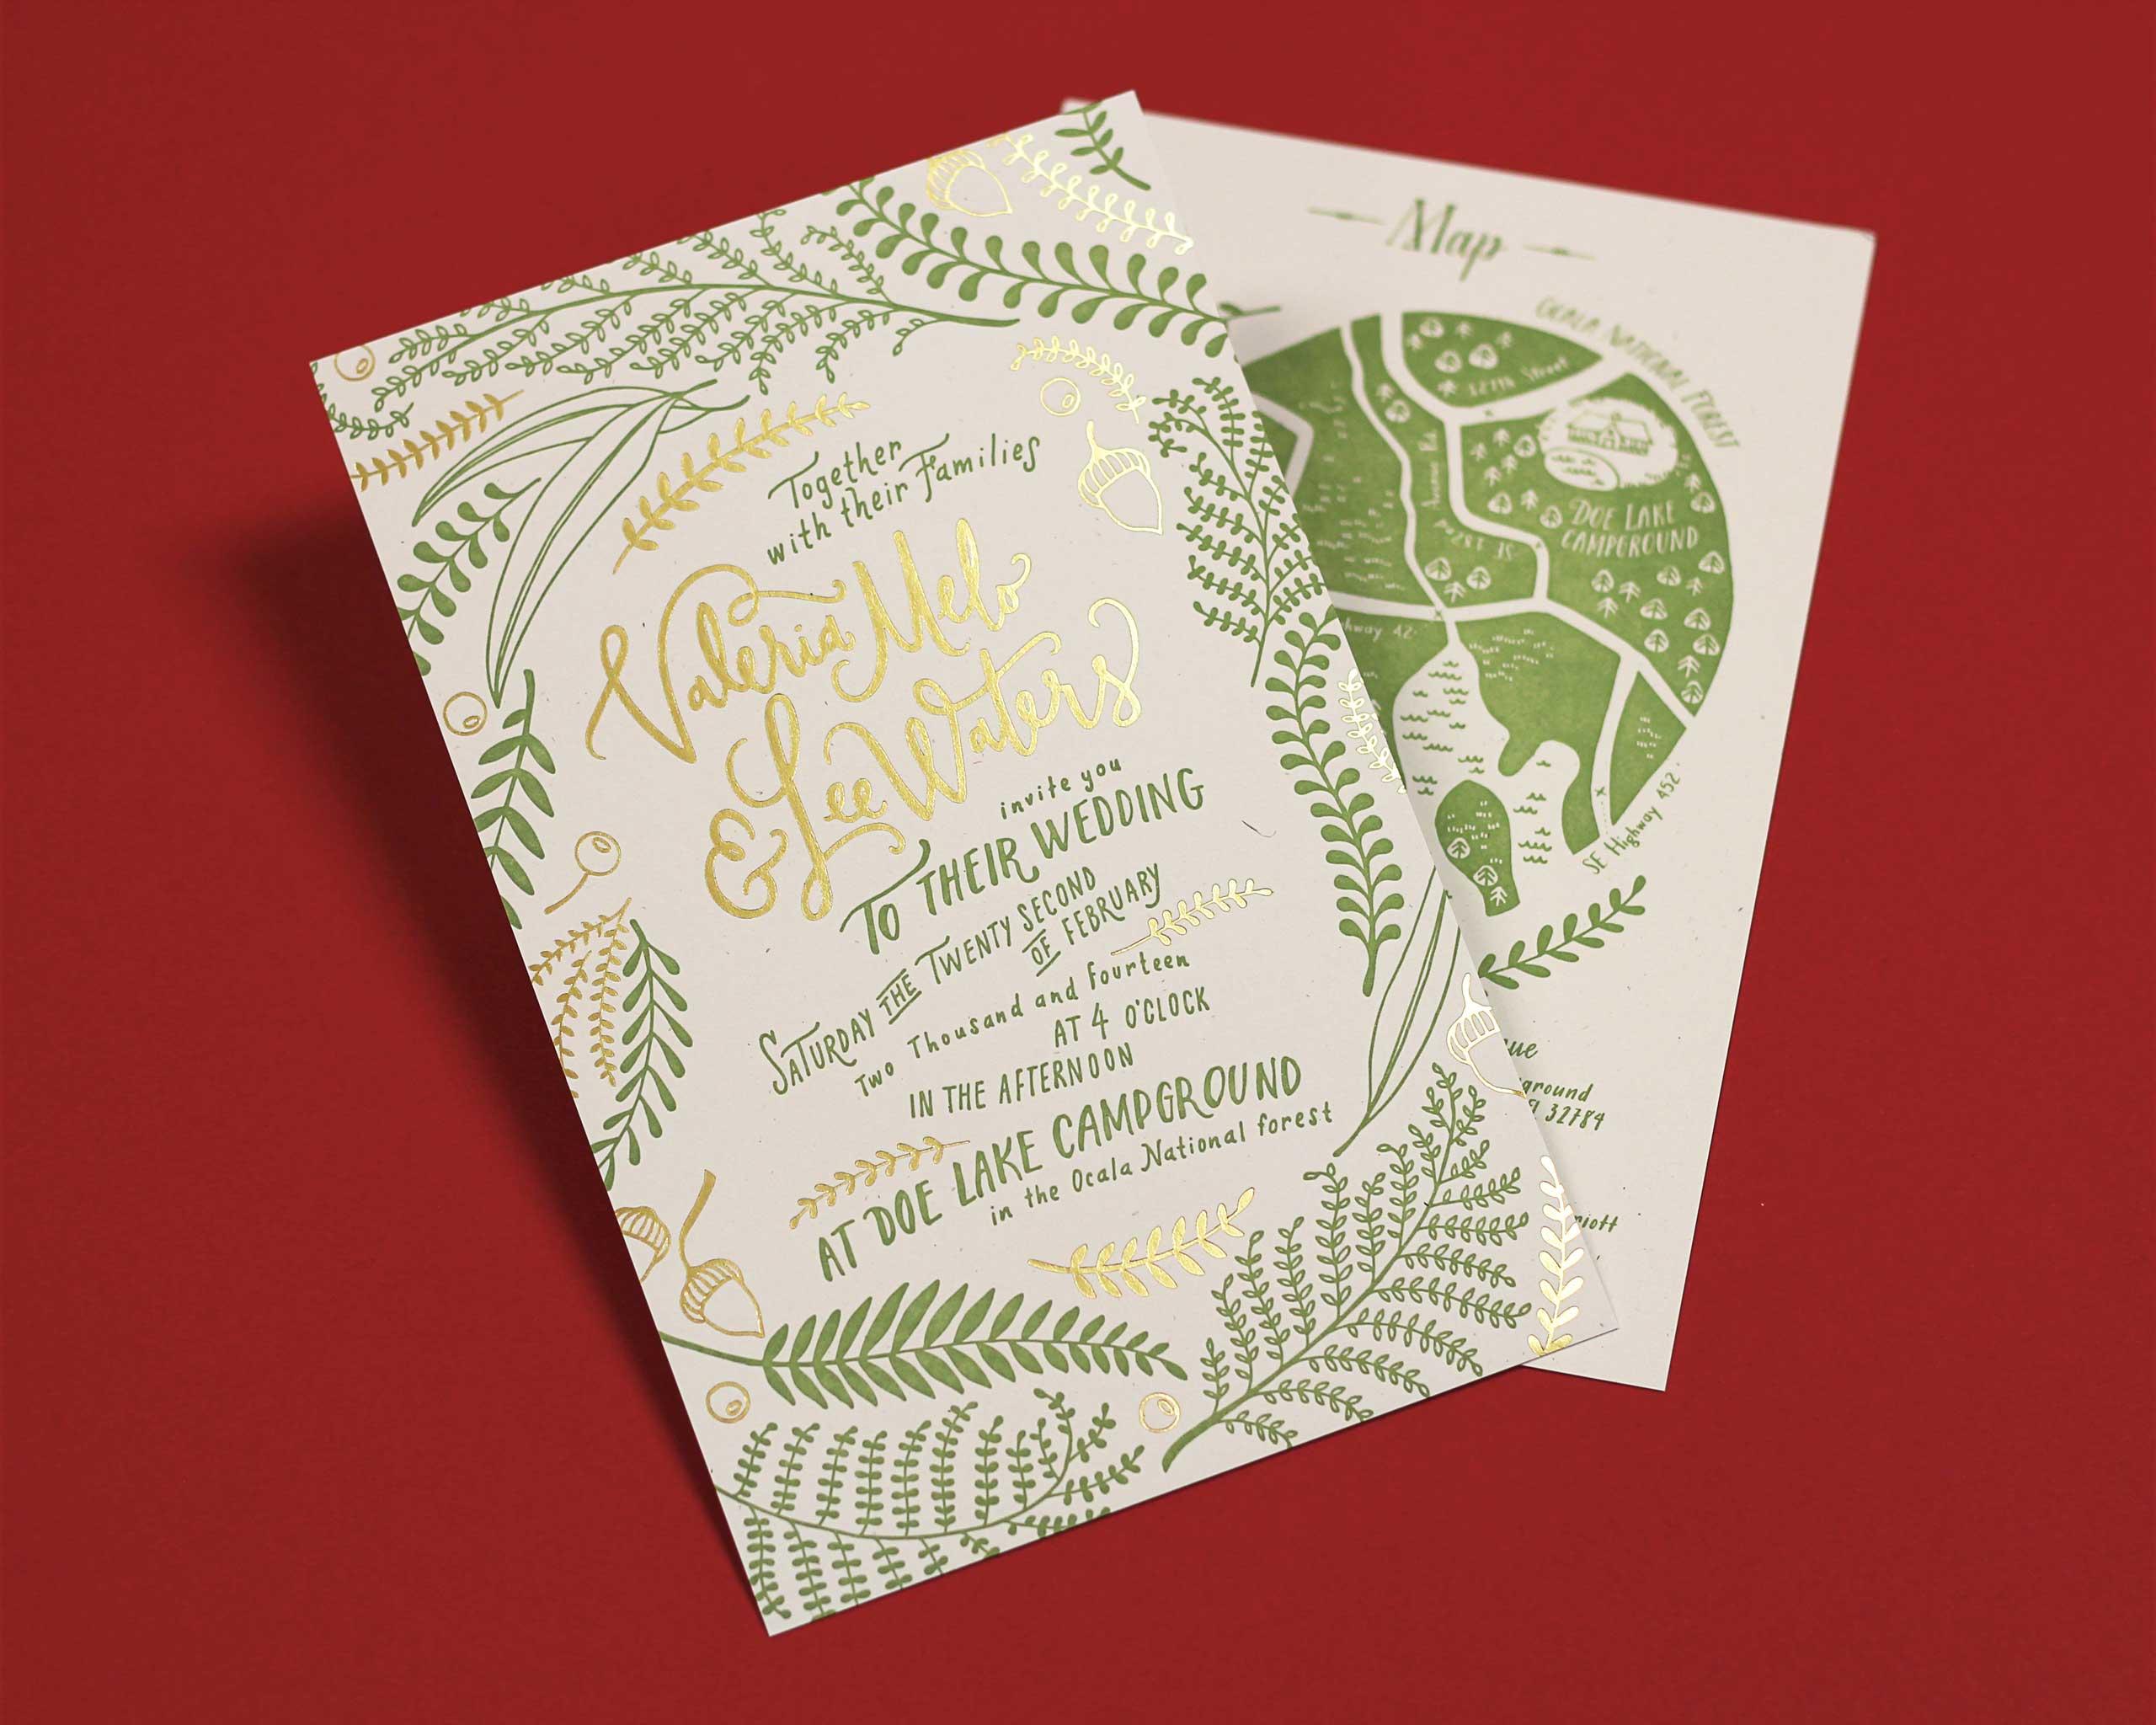 Val Melo letterpress & foil stamped wedding suite